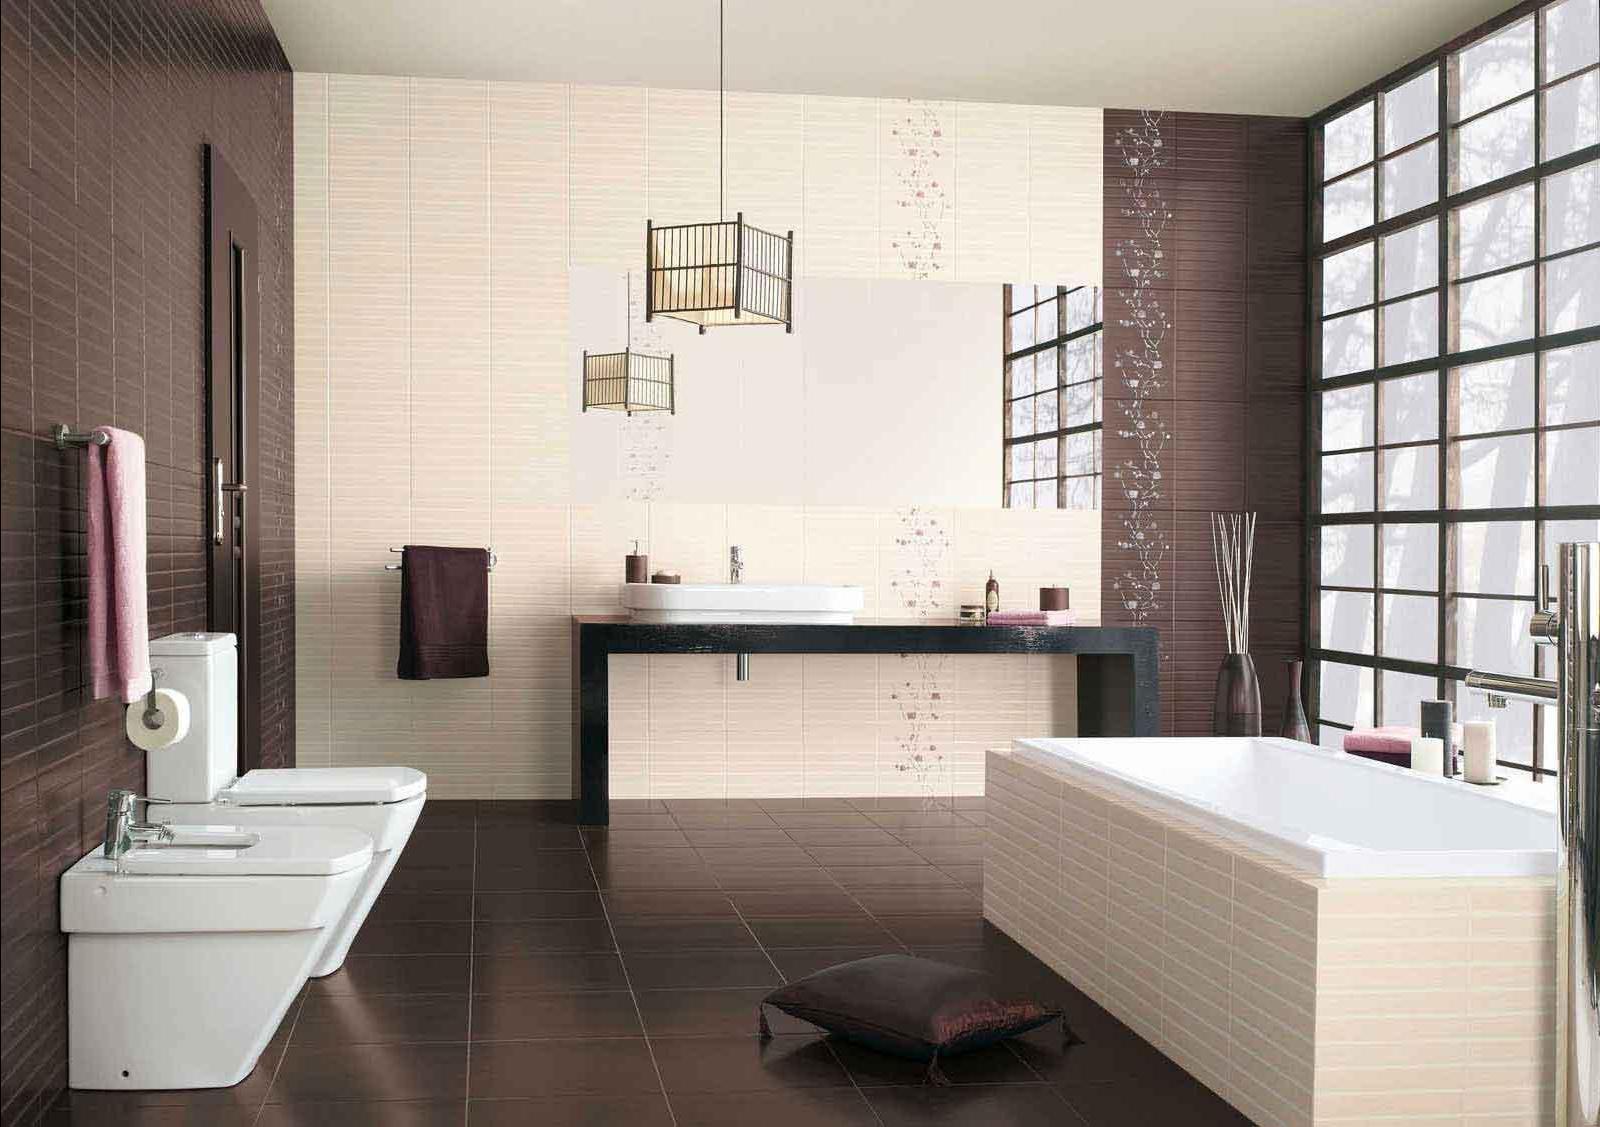 Дизайн плитки в ванной комнате — на что обращать внимание при выборе